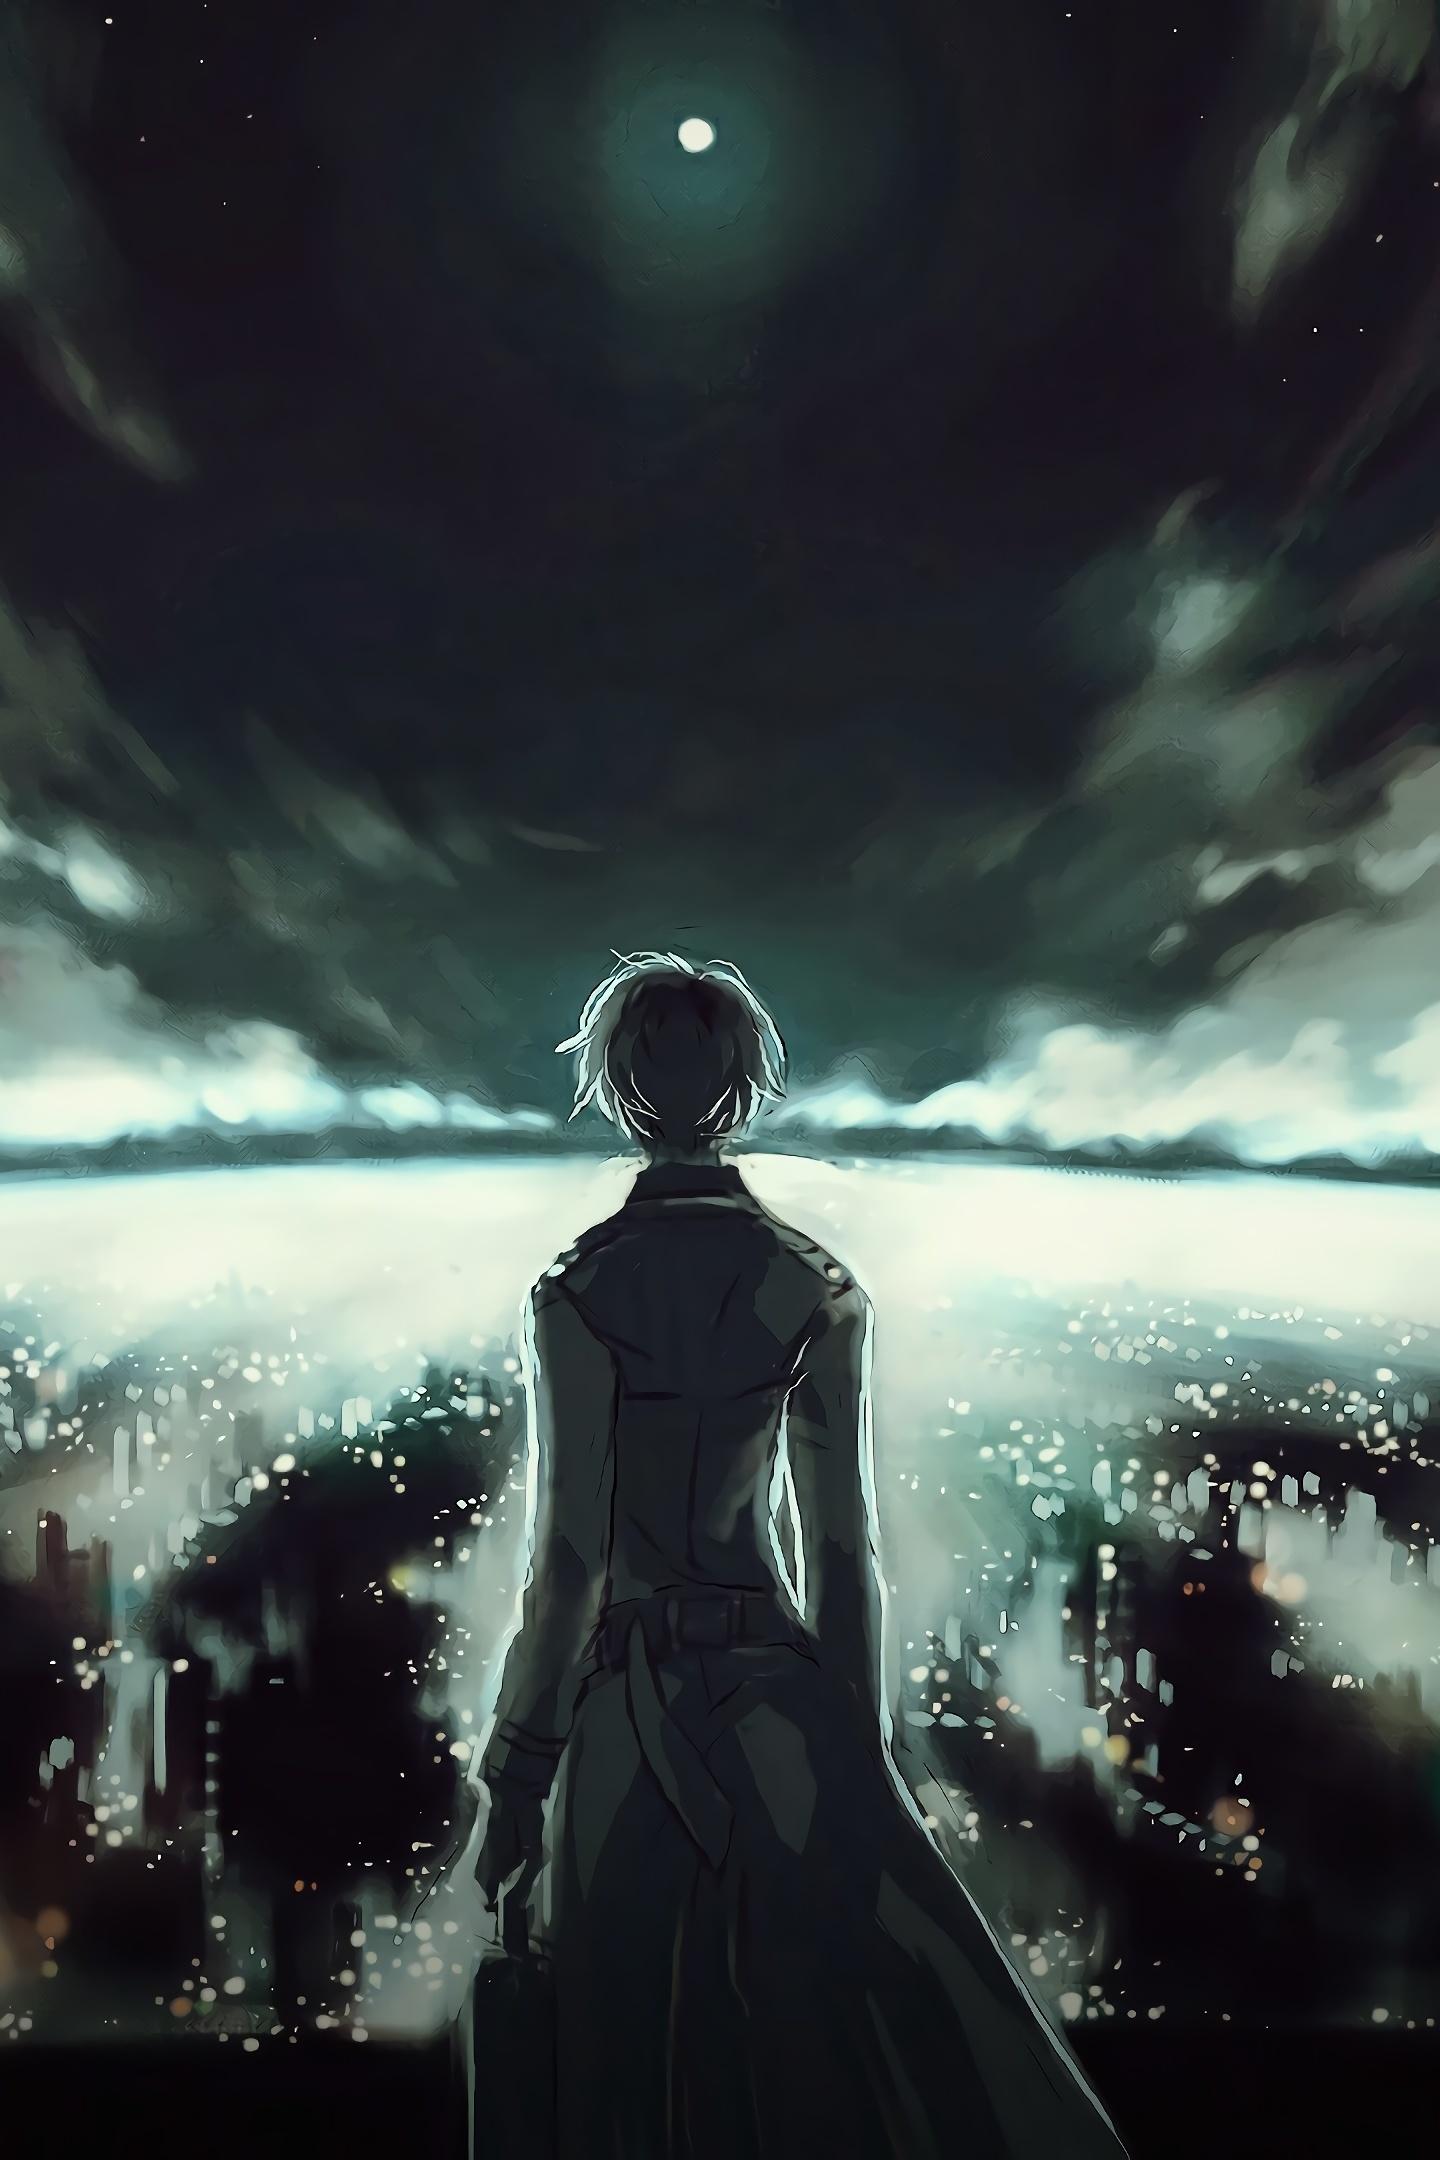 Download 1440x2560 wallpaper ken kaneki, tokyo ghoul, anime, dark